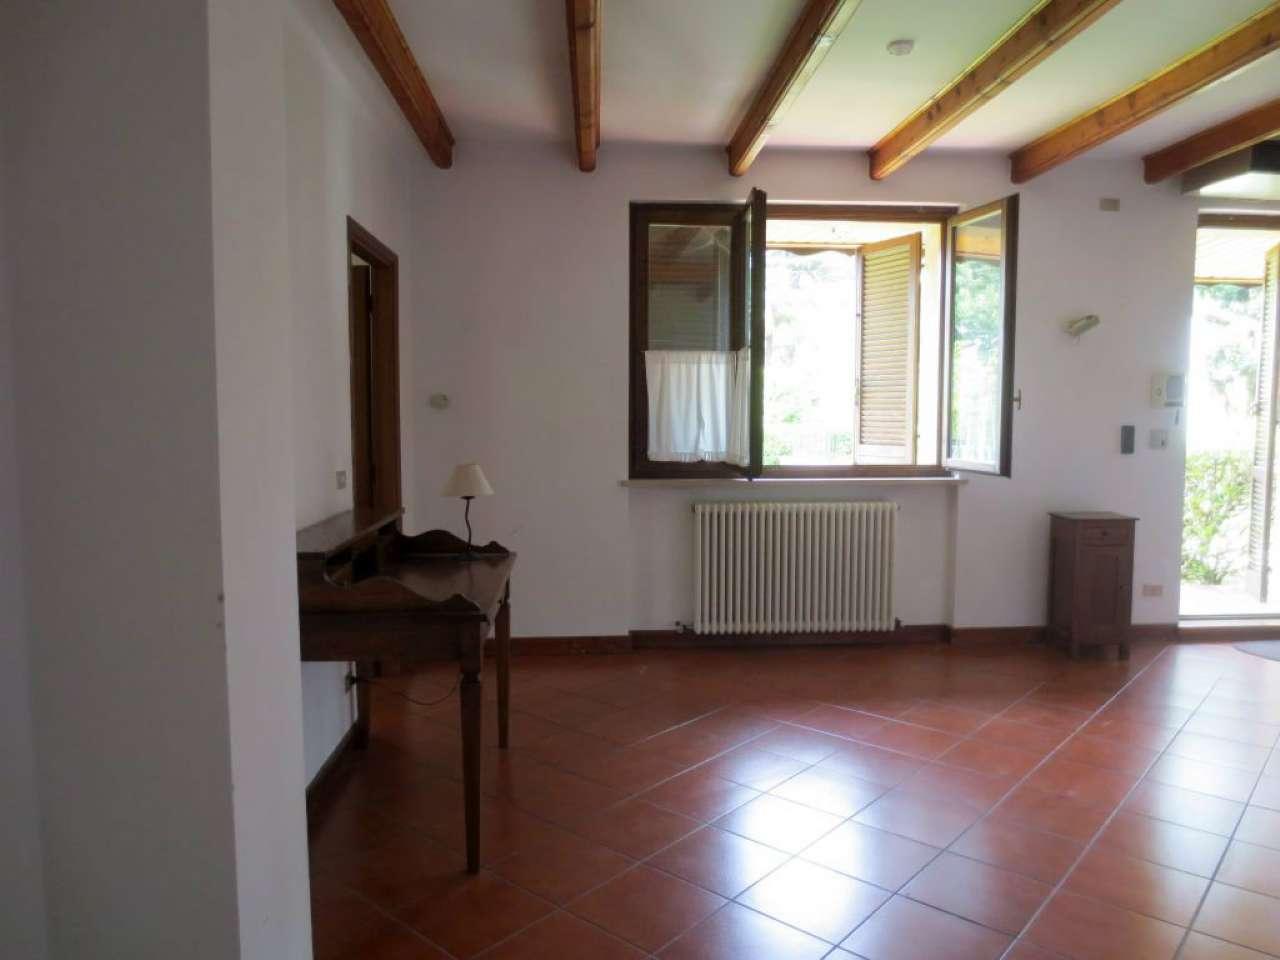 Villa in affitto a Torino, 4 locali, zona Zona: 5 . Collina, Precollina, Crimea, Borgo Po, Granmadre, Madonna del Pilone, prezzo € 1.100 | CambioCasa.it